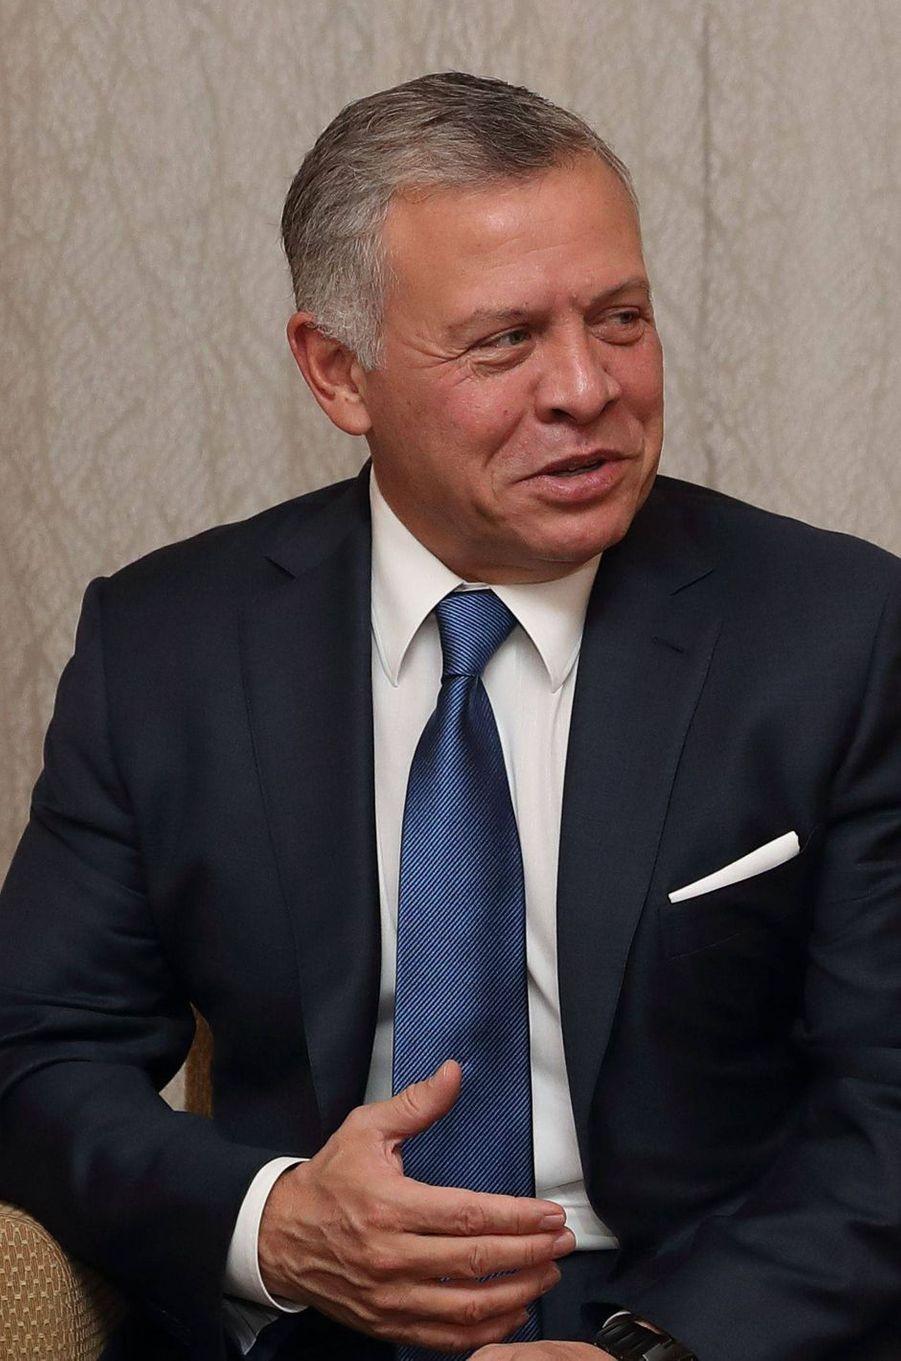 2019 - 20 ans sur le trône pour le roi Abdallah II de Jordanie